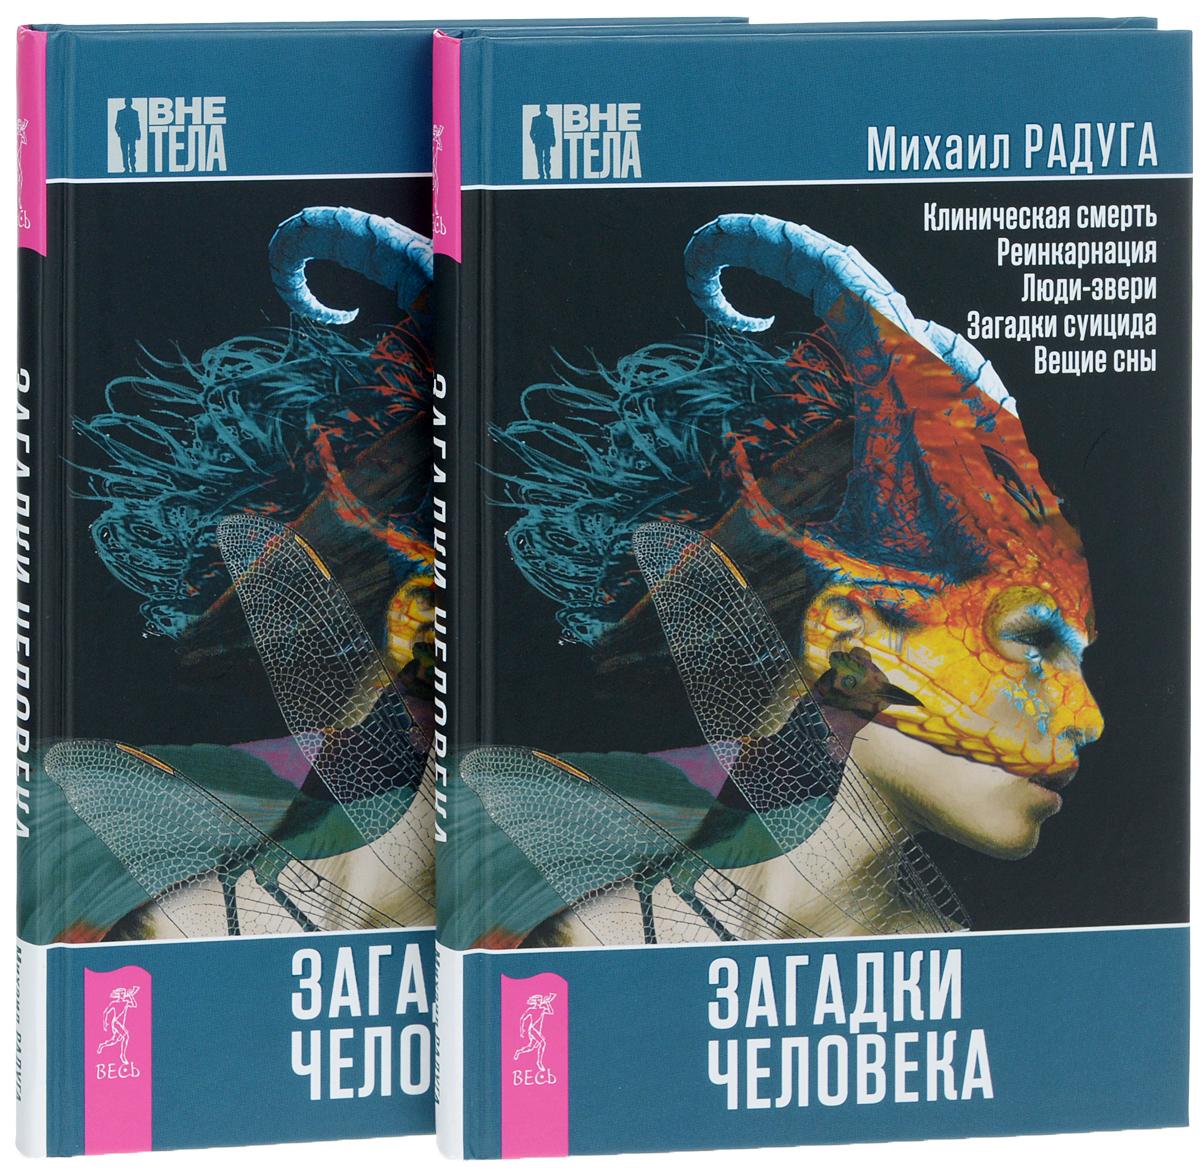 Загадки человека (комплект из 2 книг)